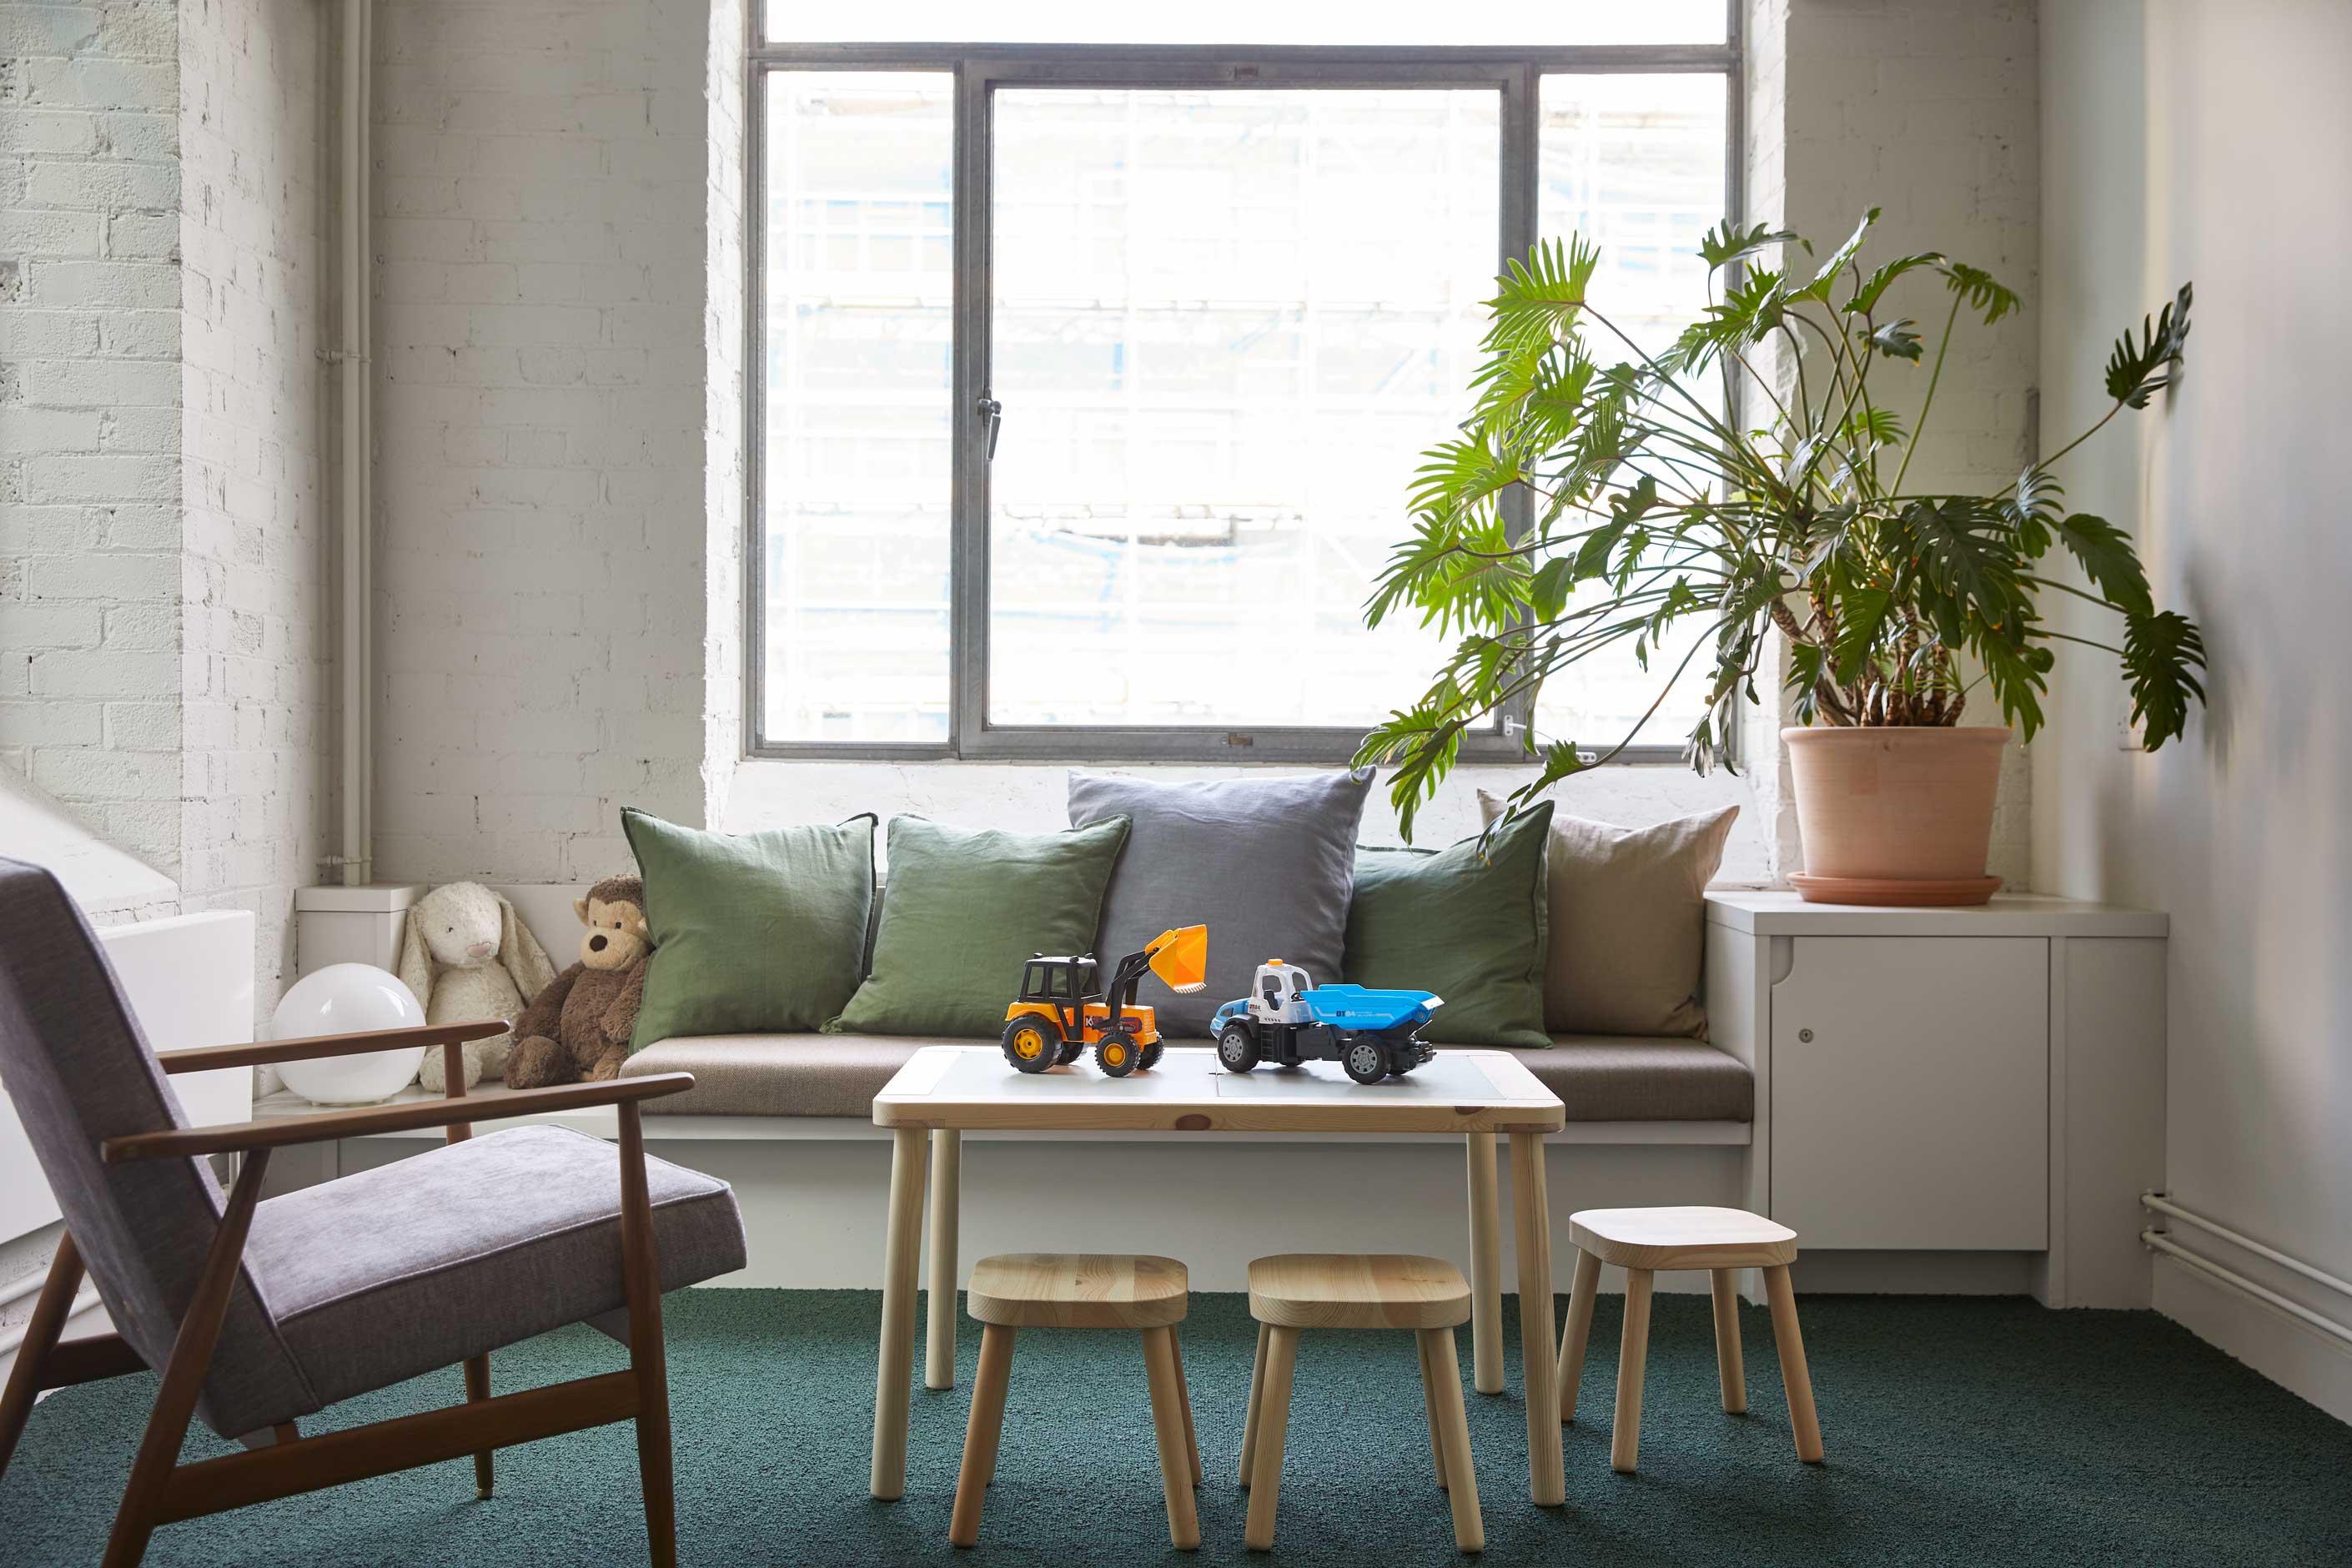 Venteværelse med siddepladser med puder ved vindue, bord med legetøj og en grøn plante.